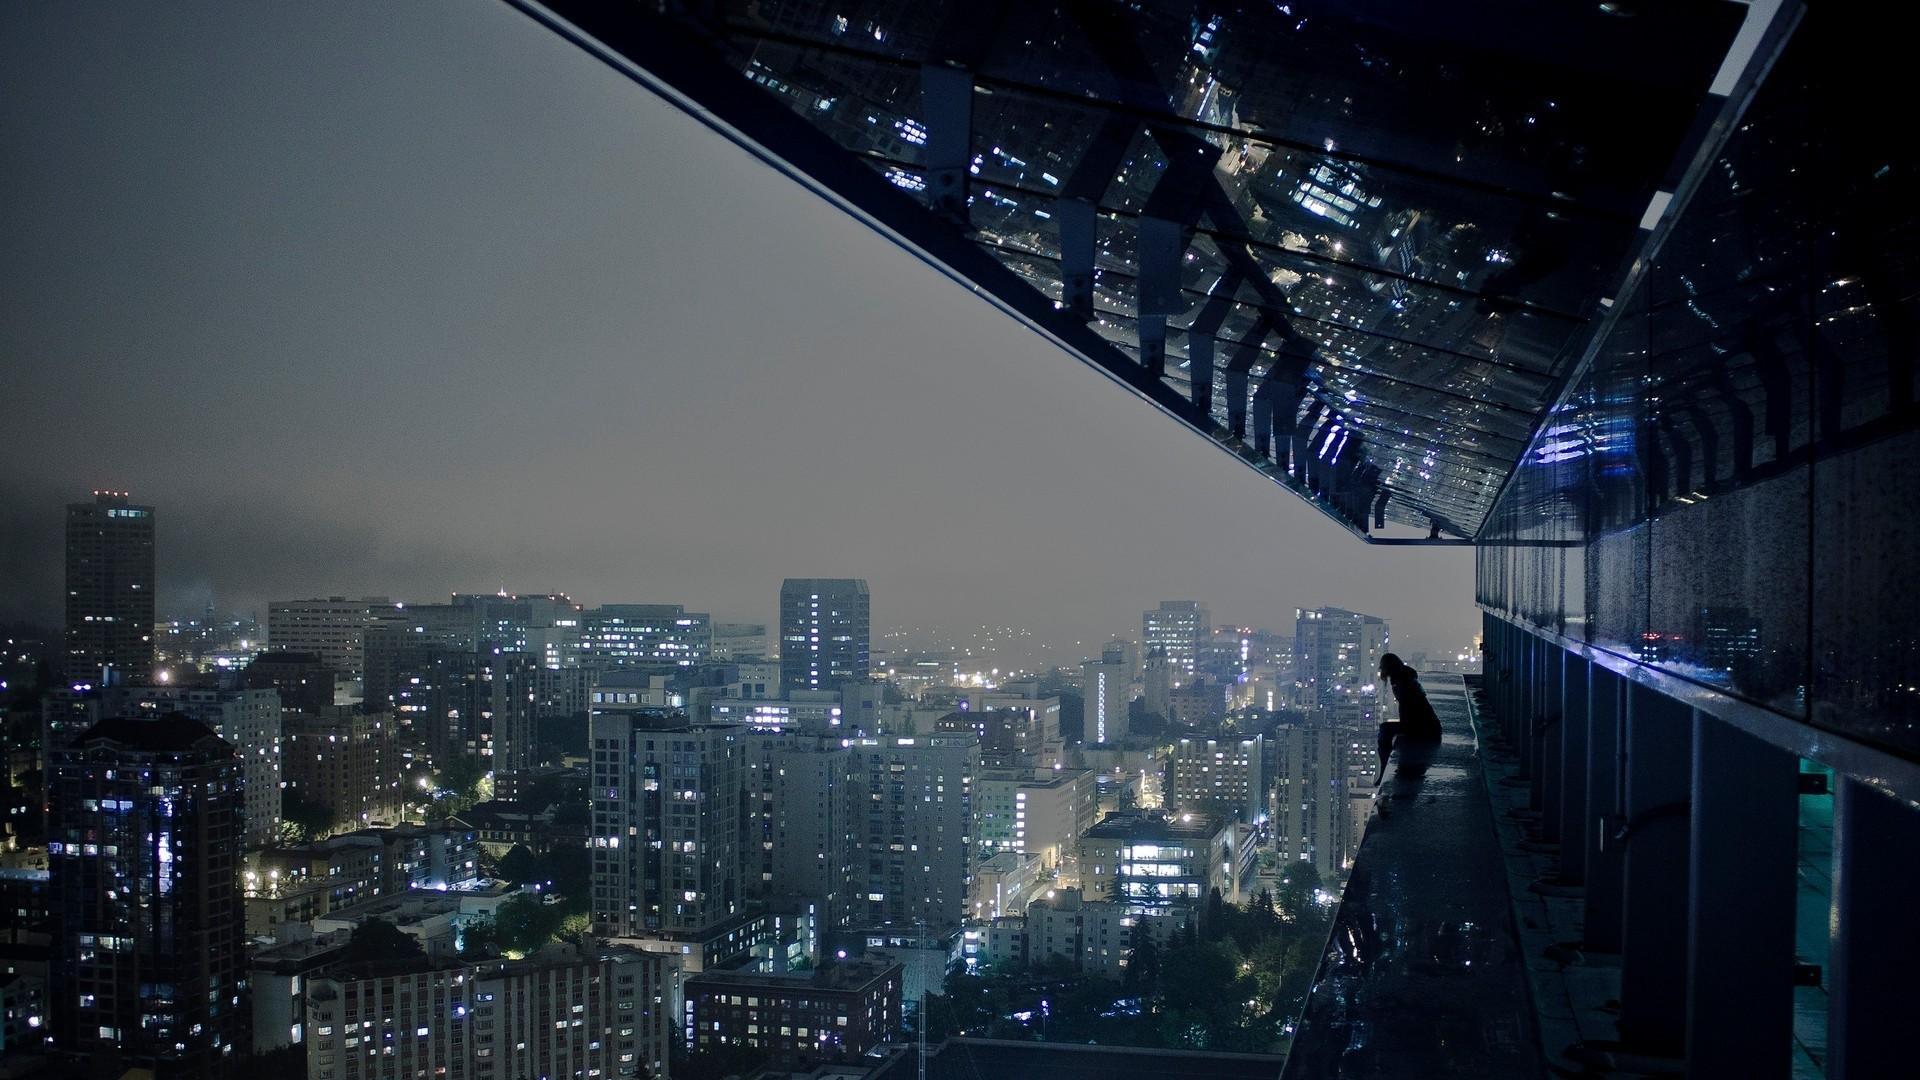 Dark City Wallpaper HD